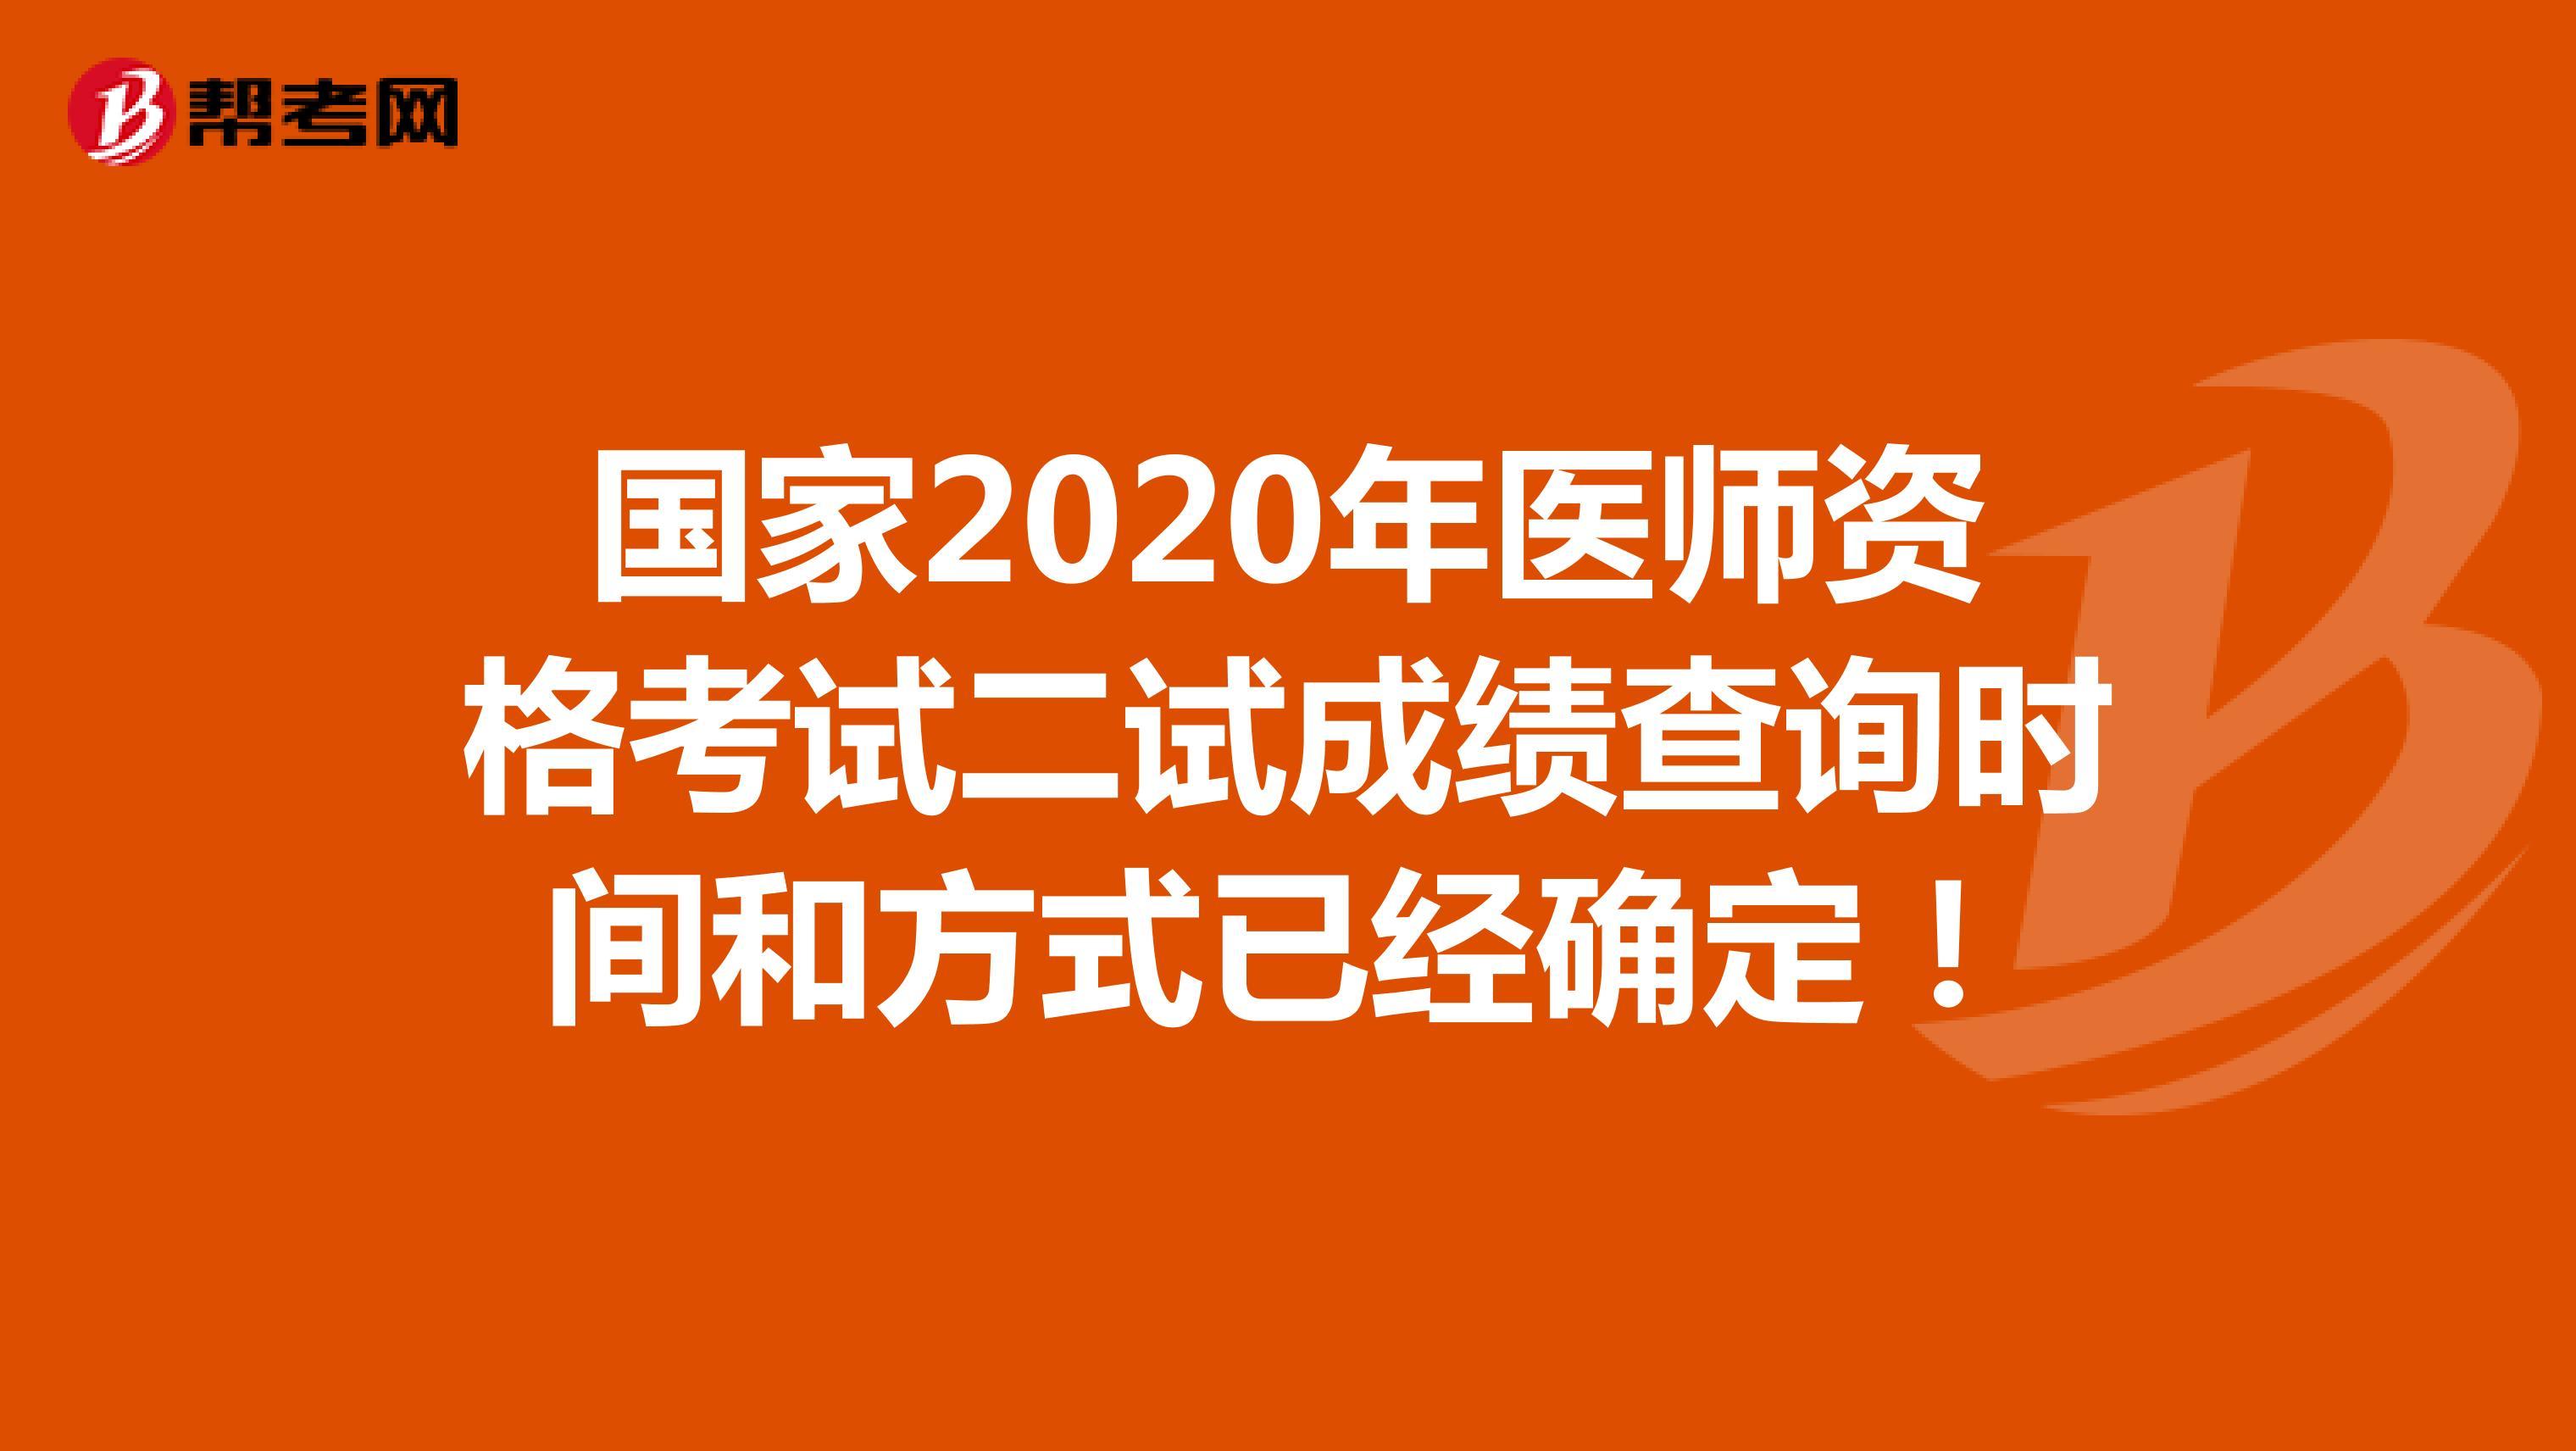 國家2020年醫師資格考試二試成績查詢時間和方式已經確定!